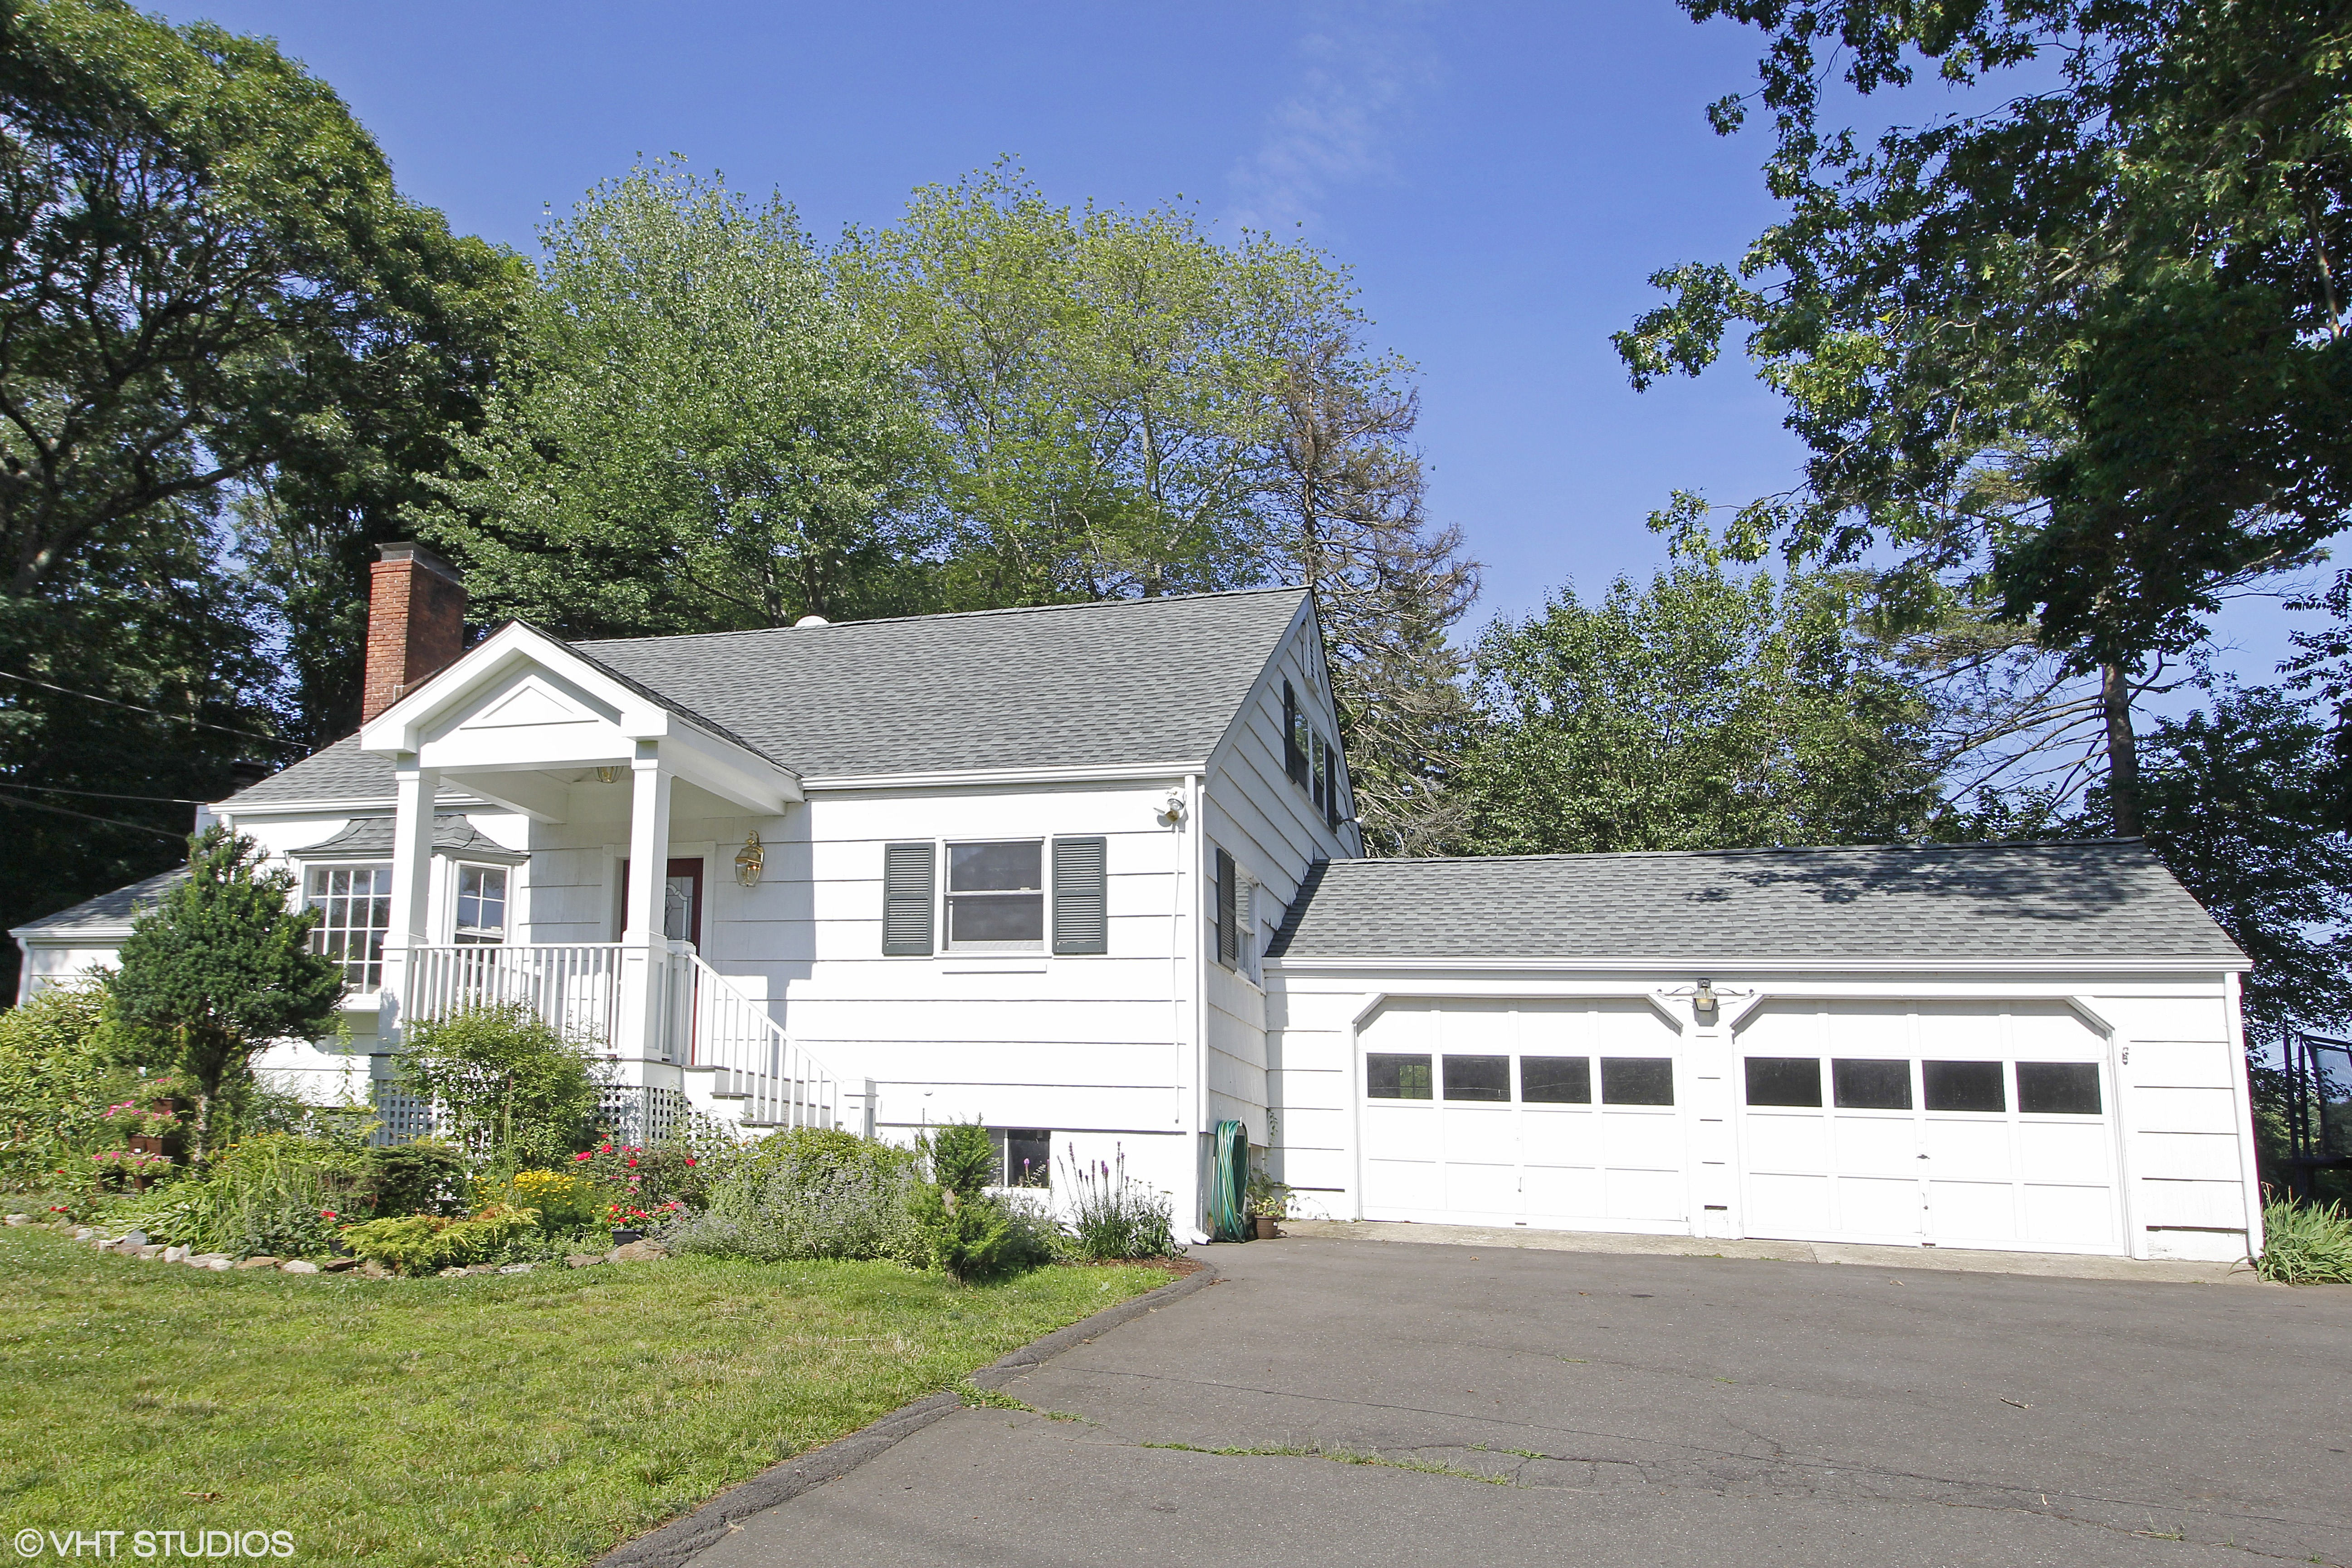 一戸建て のために 売買 アット Sunny, Bright, Happy Classic Expanded Cape 326 Rowayton Avenue Norwalk, コネチカット 06853 アメリカ合衆国